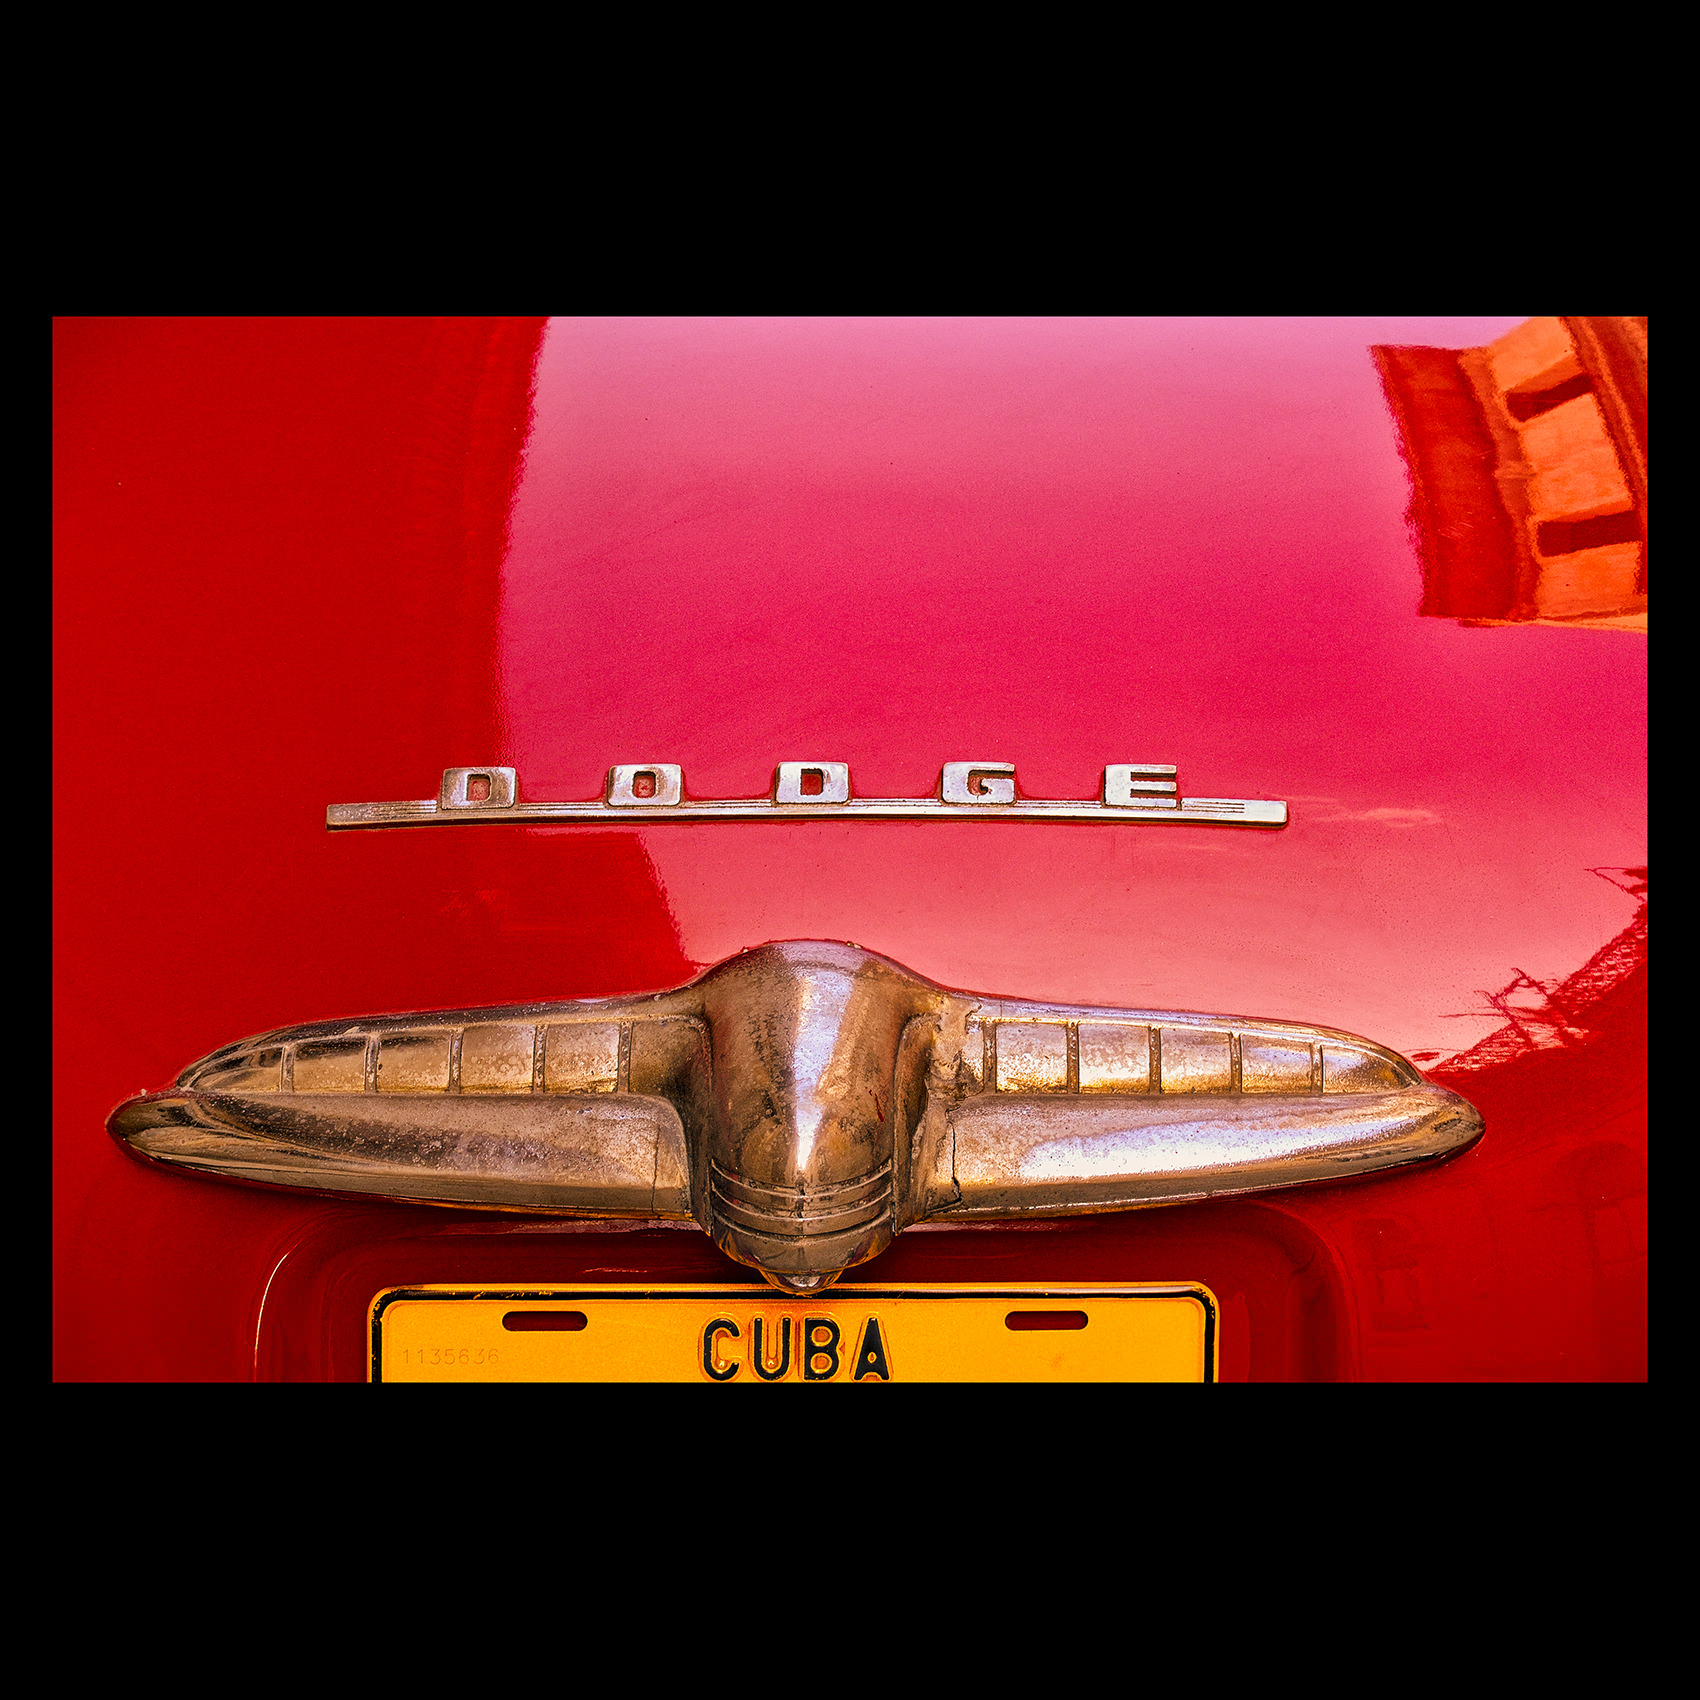 Cuba Vincent Versace image